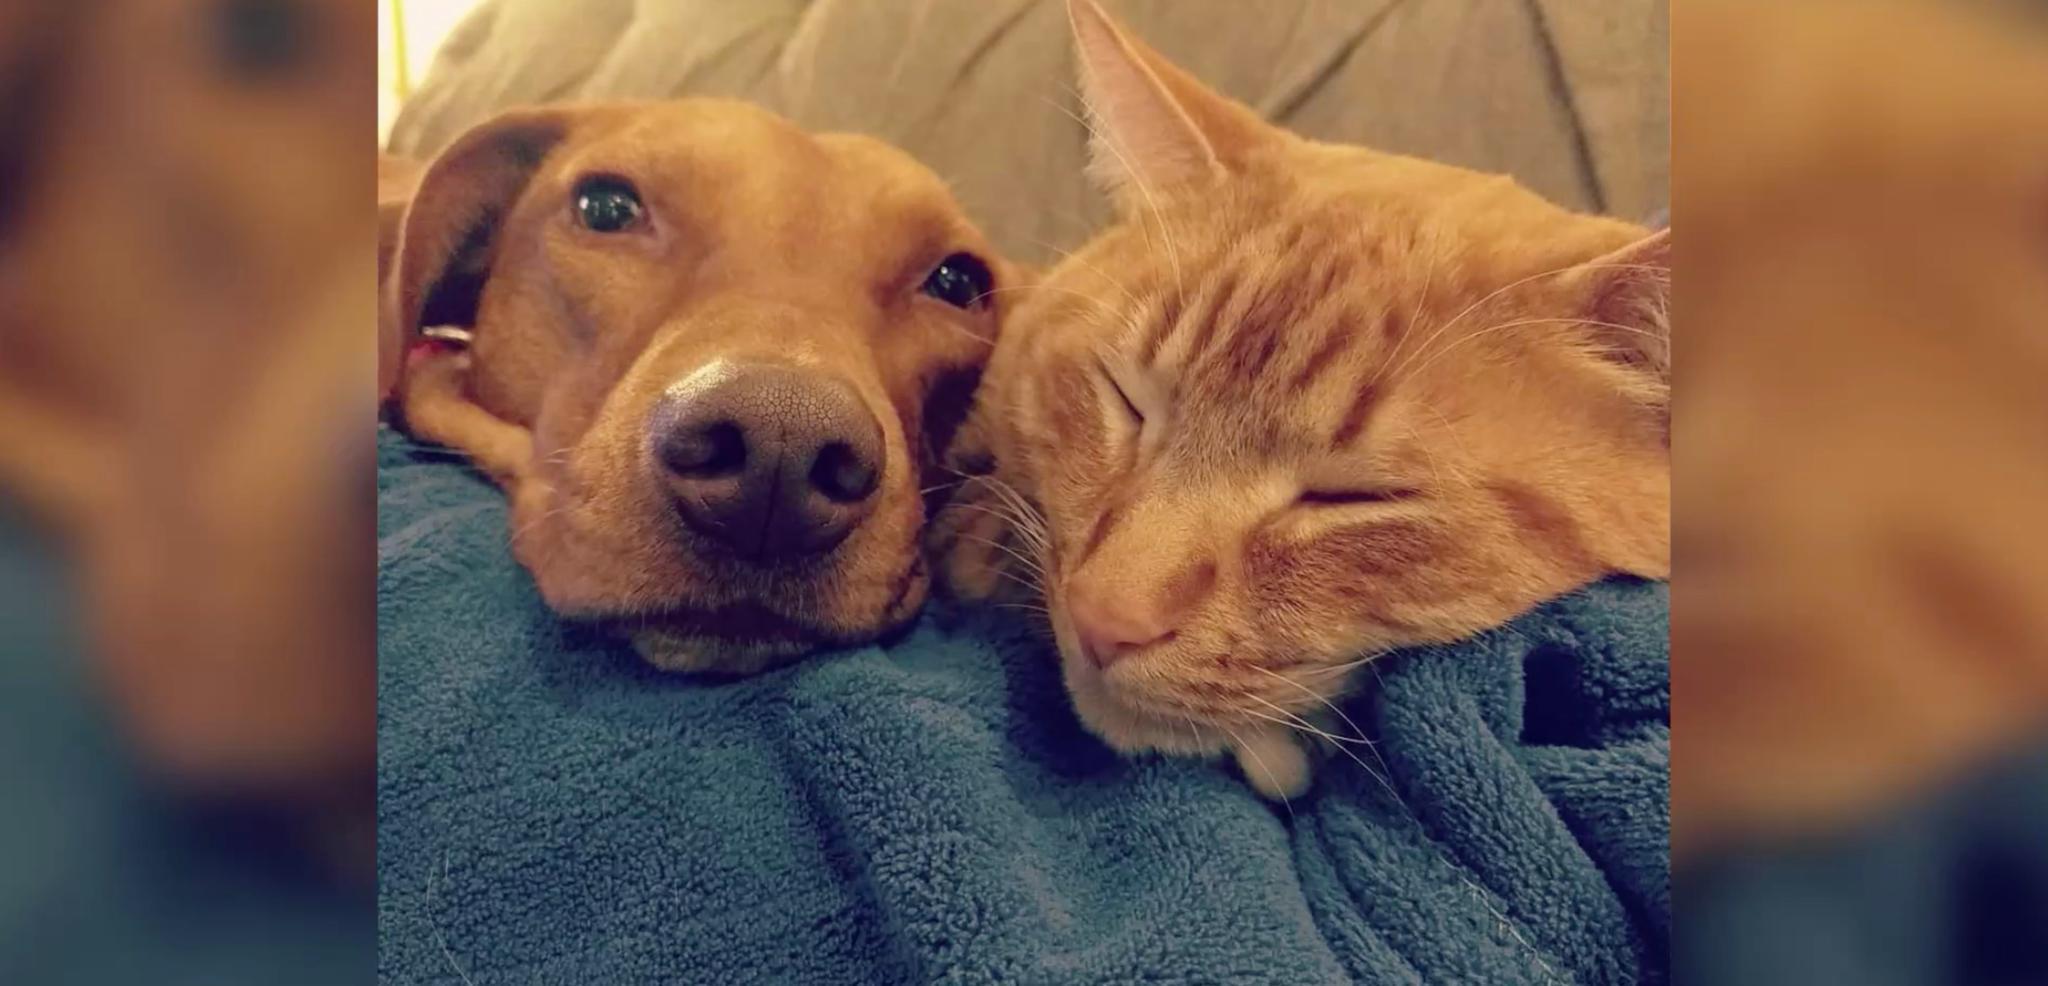 Liebe-pur-Katze-tr-stet-ngstlichen-Hund-wenn-die-Menschen-aus-dem-Haus-sind